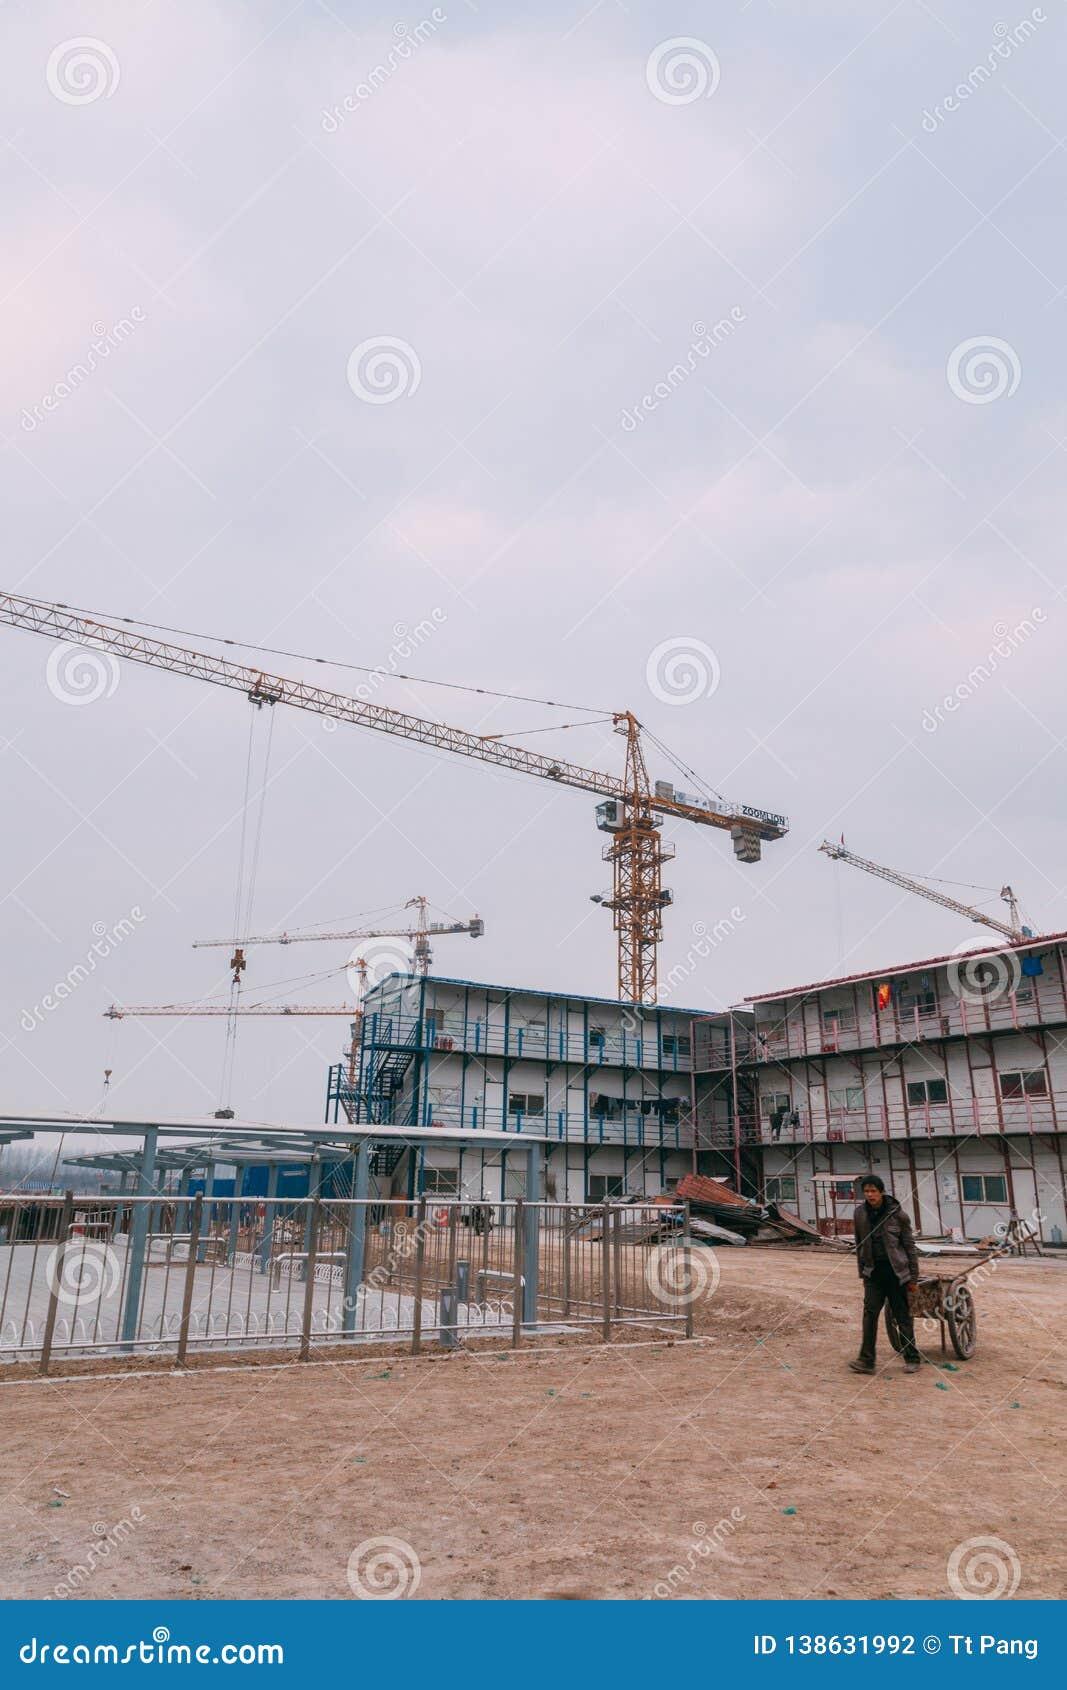 18 de dezembro de 2014 Pequim Atividade de trabalho em um canteiro de obras na cidade com guindastes e trabalhadores